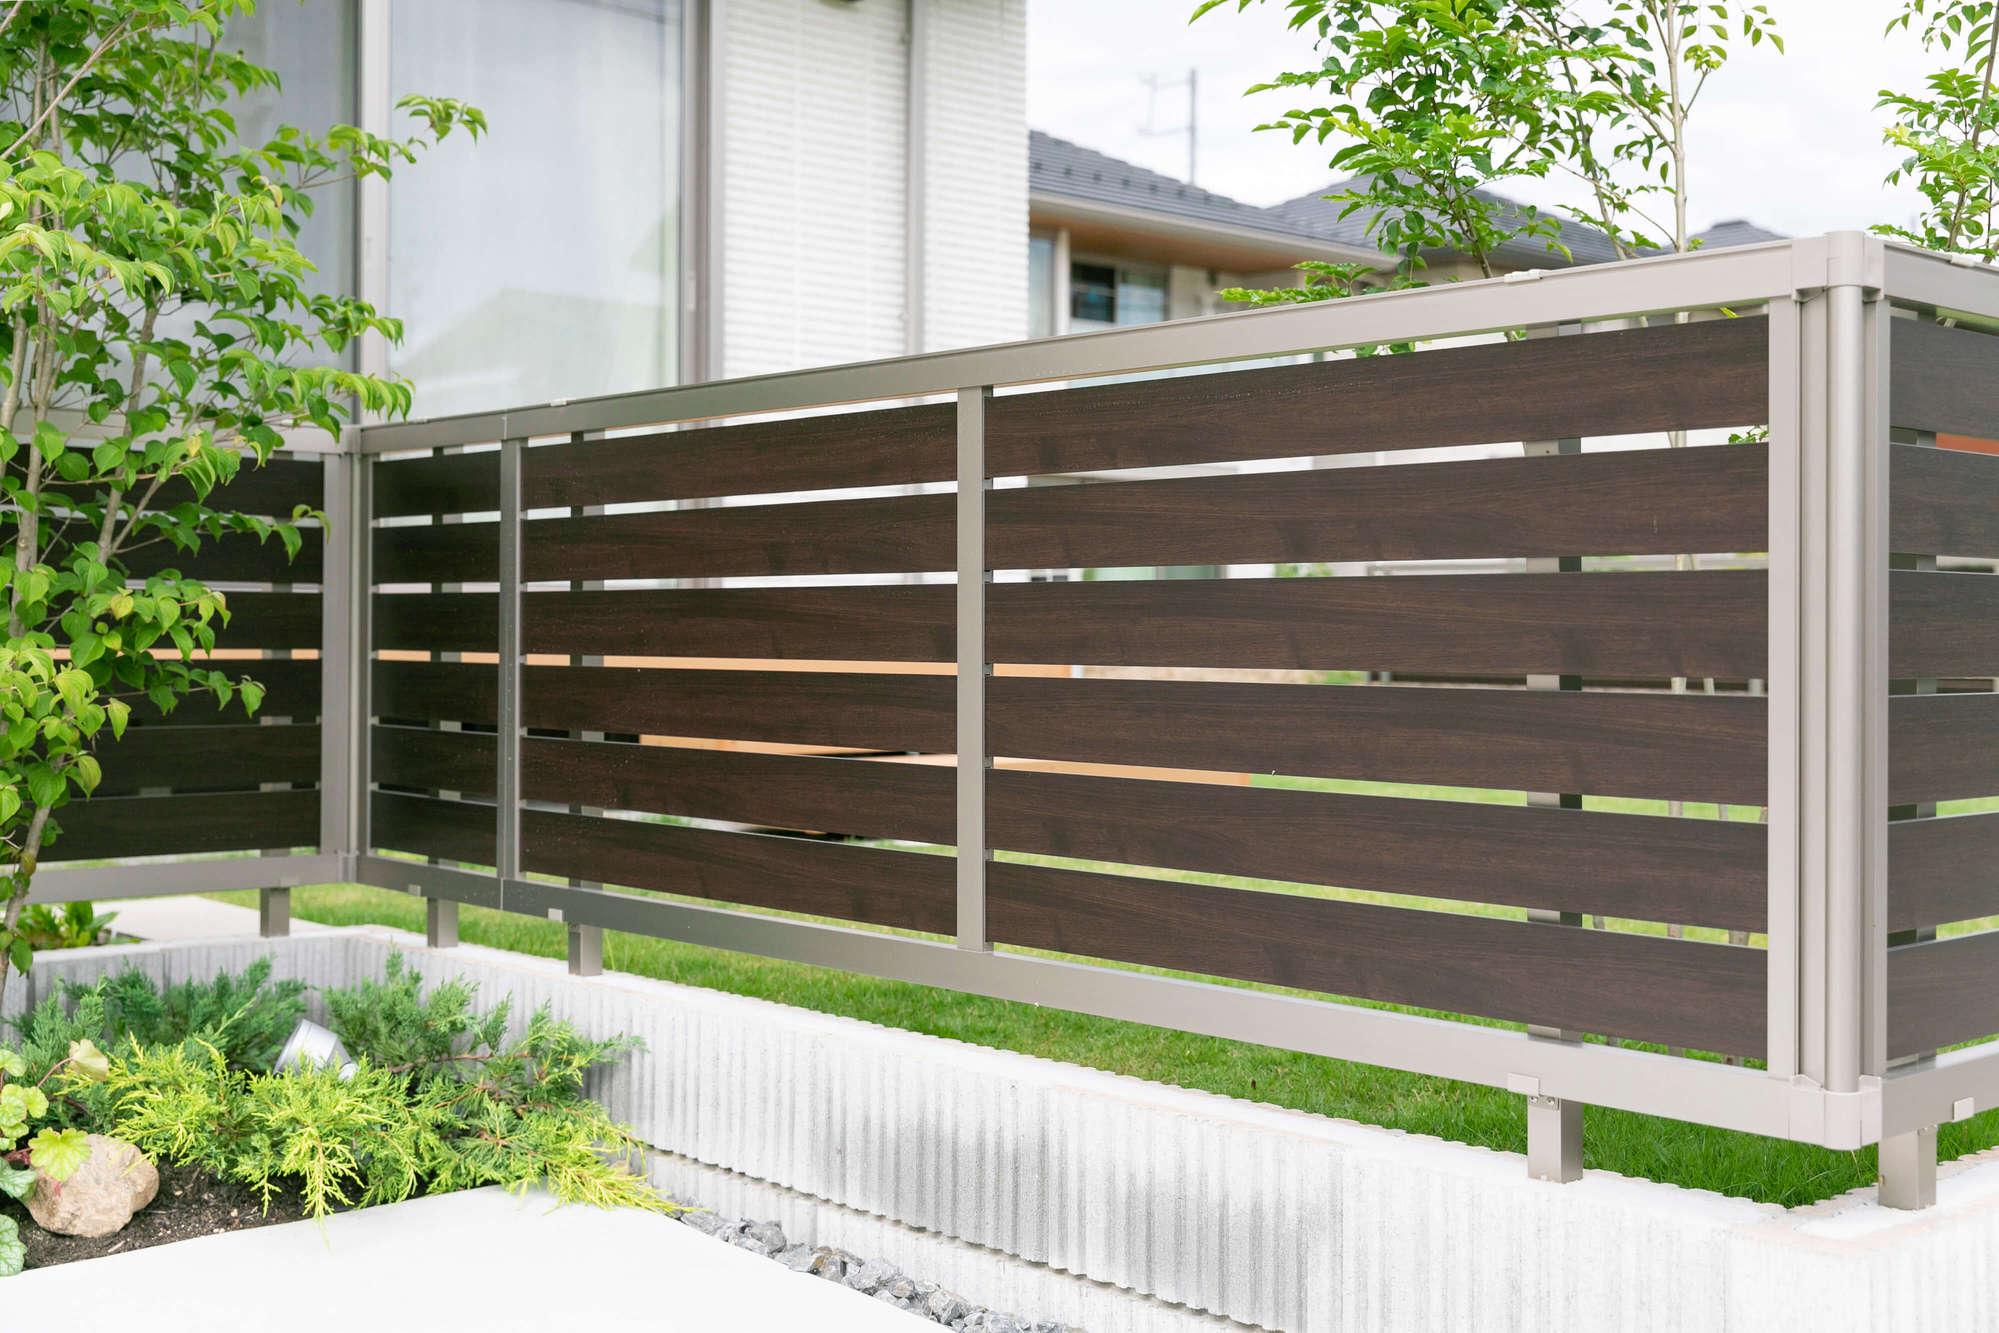 フェンス、目隠しフェンス、エクステリア、庭、外構、植栽